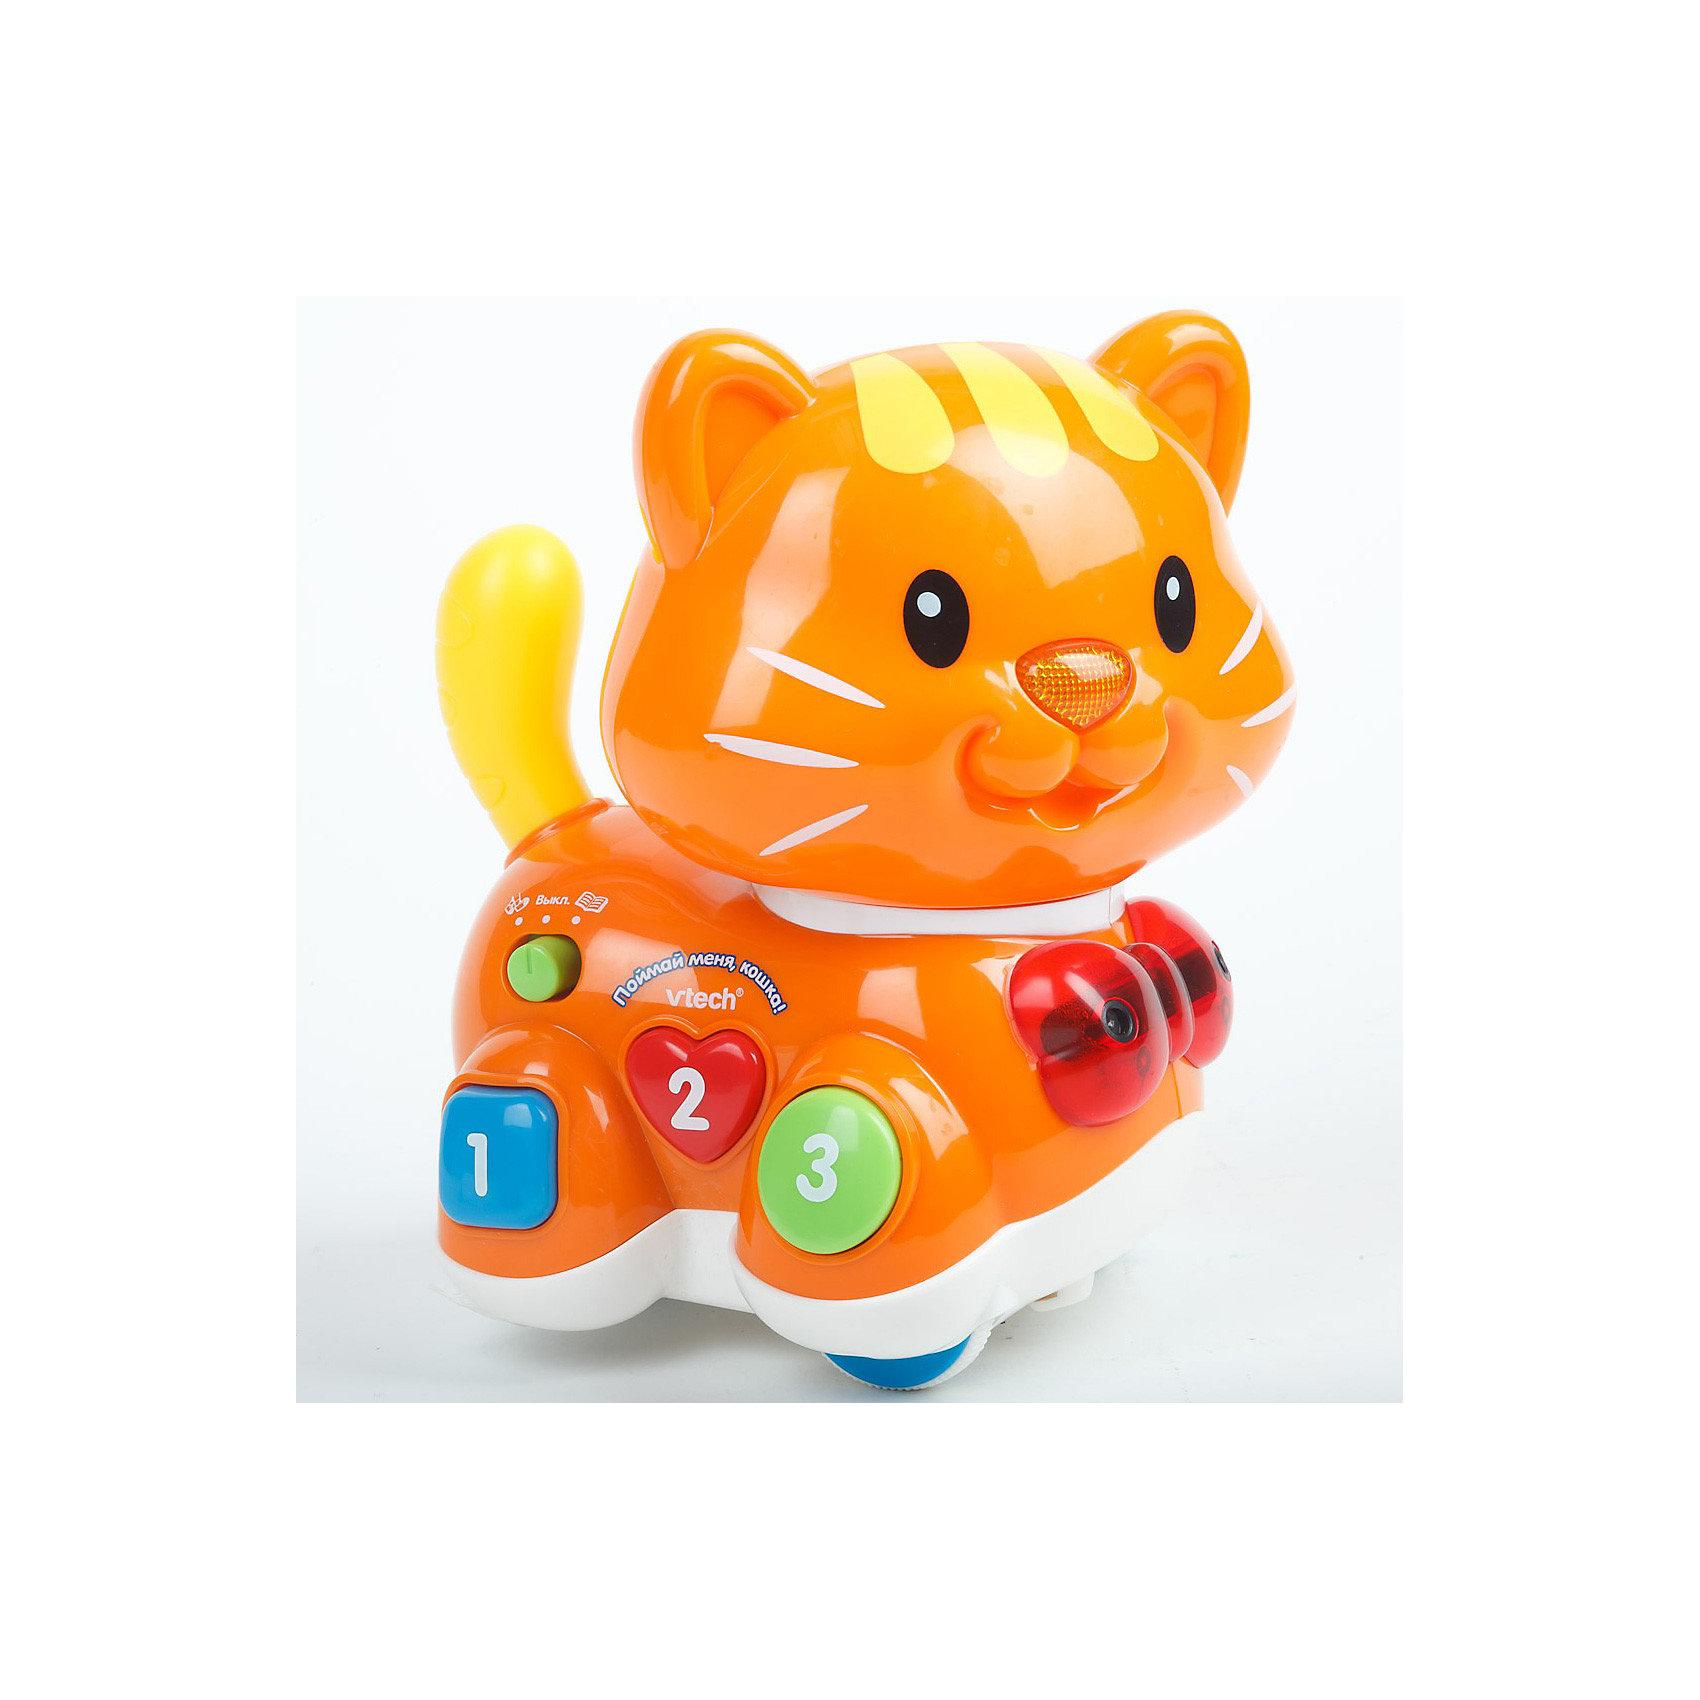 Развивающая игрушка Поймай меня Кошка, VtechИнтерактивные игрушки для малышей<br>Развивающая игрушка Поймай меня Кошка, Vtech (Втеч).<br><br>Характеристики:<br><br>• Для детей от 1,5 лет<br>• Особенности игрушки: 2 режима, регулятор скорости и чувствительности, передний и задний сенсоры, светящийся носик, разноцветные кнопки в форме квадрата, круга, сердечка с цифрами от 1 до 3, таймер автоматического отключения<br>• Материал: пластик<br>• Размер игрушки: 17 х 19 х 13,5 см.<br>• Батарейки: 4 типа ААА (в комплекте демонстрационные)<br>• Упаковка: красочная подарочная коробка<br>• Размер упаковки: 28 х 27,5 х 15 см.<br><br>Восхитительная яркая кошечка от французской компании Vtech – великолепная развивающая игрушка, которая работает в двух режимах: обучение и догонялки. В режиме «догонялки» кошка может играть с малышом в 3-х вариантах: ездить во всех направлениях, убегать и догонять. Кошка перемещается с помощью колесиков. При движении она может объезжать препятствия, благодаря встроенным сенсорам. <br><br>В процессе игры кошка будет произносить забавные фразы, мяукать или воспроизводить песенку из мультфильма По дороге с облаками. Когда малыш поймает кошечку, она ласково попросит его поиграть с ней еще раз. В режиме «обучение» ребенок познакомится с геометрическими фигурами (квадратом, кругом и сердечком) и цифрами от 1 до 3. Игрушка изготовлена из прочного безопасного не бьющегося пластика. Продается в красочной коробке и идеально подходит в качестве подарка.<br><br>Развивающую игрушку Поймай меня Кошка, Vtech (Втеч) можно купить в нашем интернет-магазине.<br><br>Ширина мм: 280<br>Глубина мм: 150<br>Высота мм: 280<br>Вес г: 1050<br>Возраст от месяцев: 12<br>Возраст до месяцев: 36<br>Пол: Унисекс<br>Возраст: Детский<br>SKU: 3315476